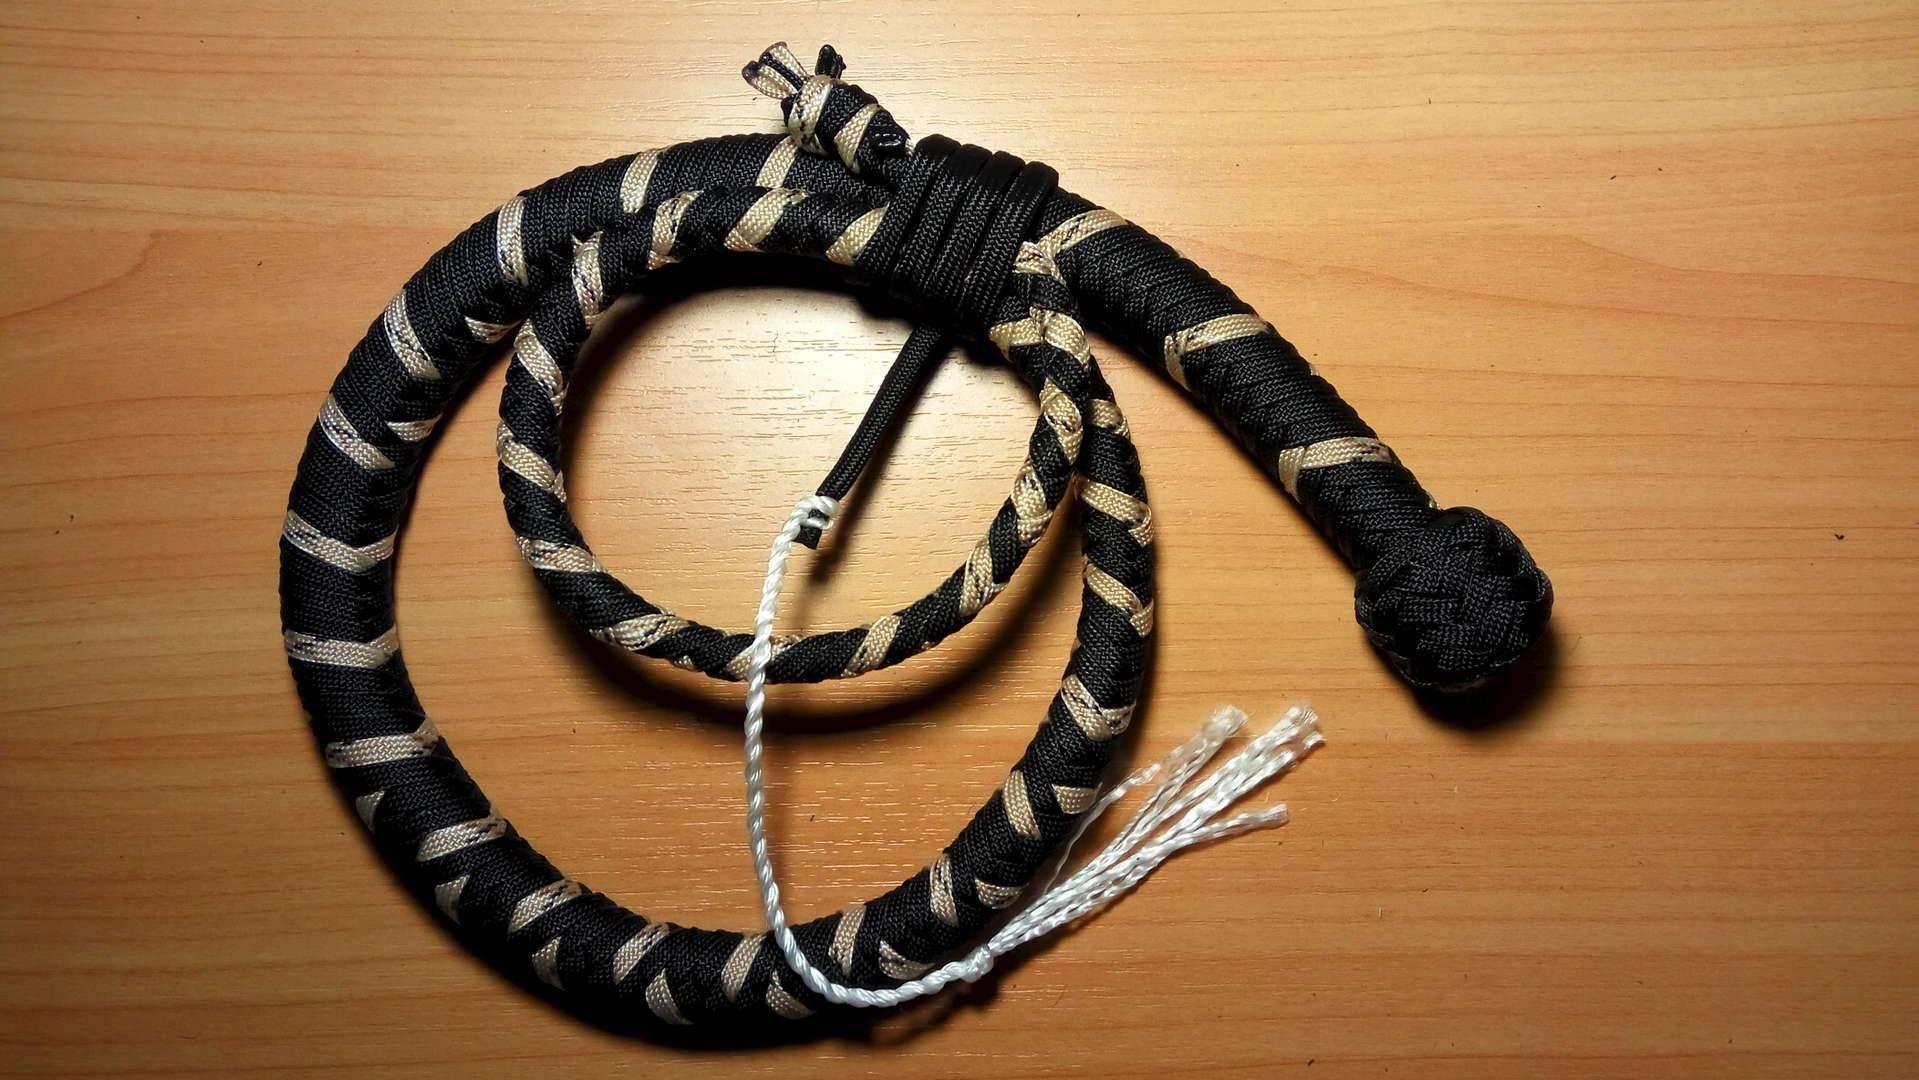 Темляк для ножа: история возникновения, виды и функции, схемы для плетения из паракорда и кожи своими руками